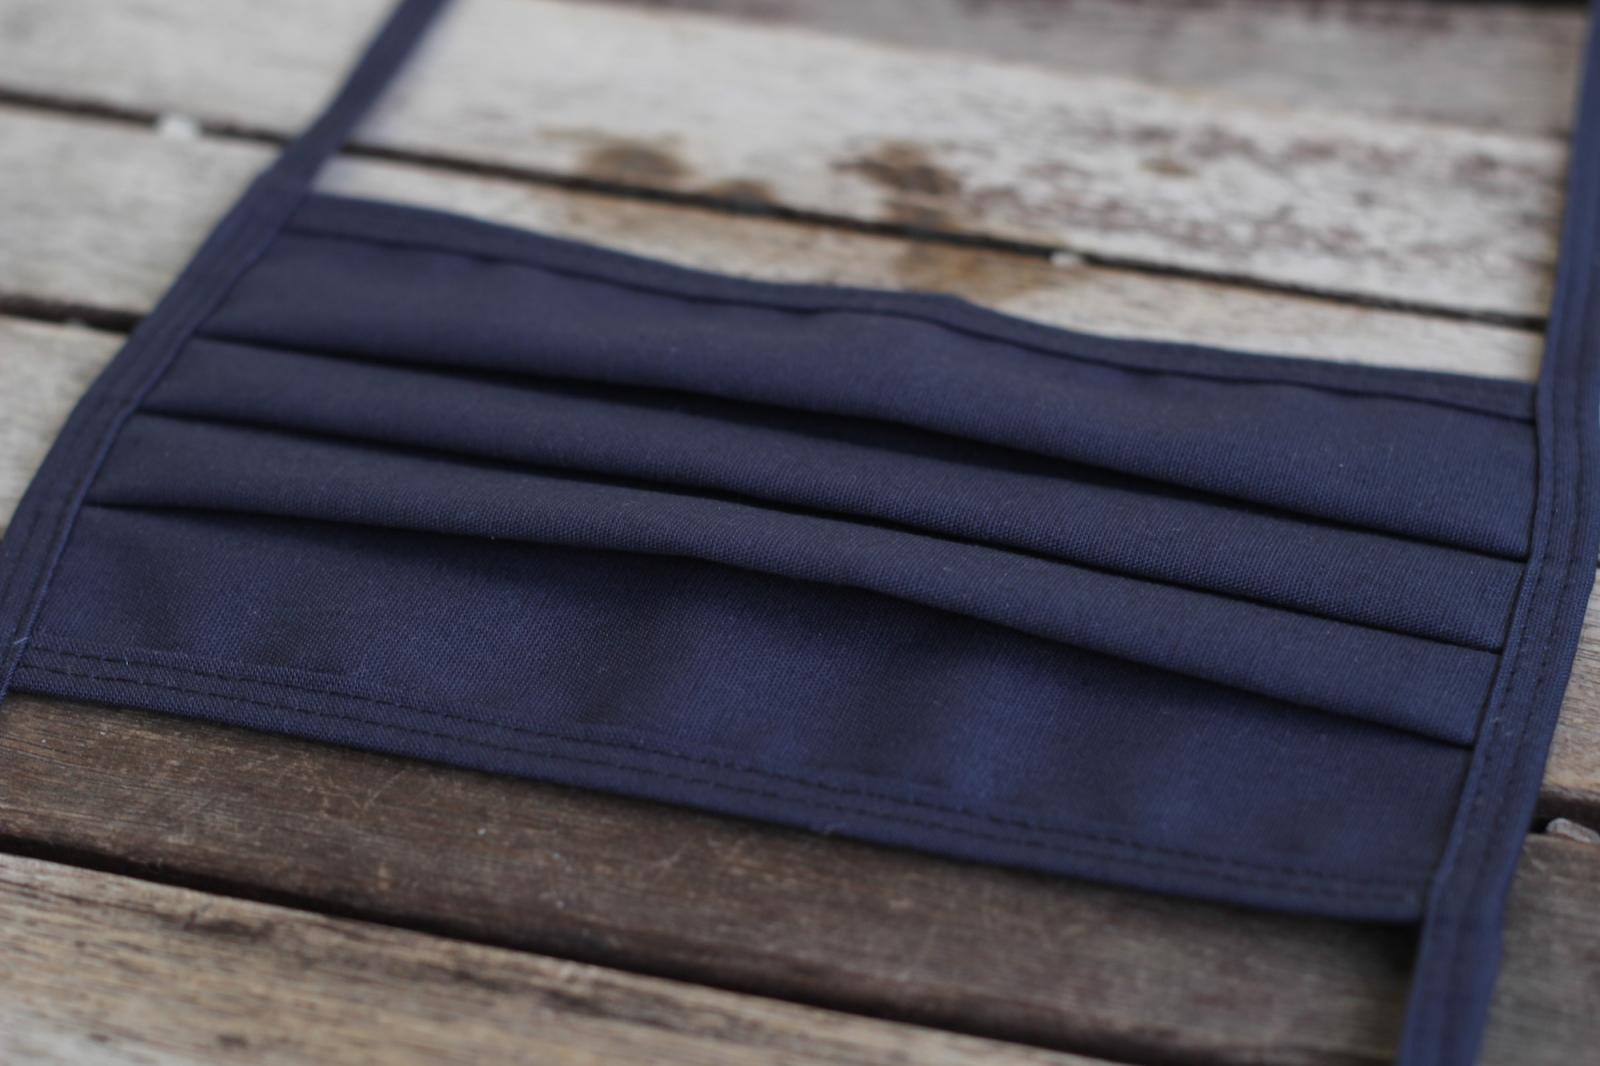 Mundbedeckung Mund-Nasen-Maske waschbar marineblau